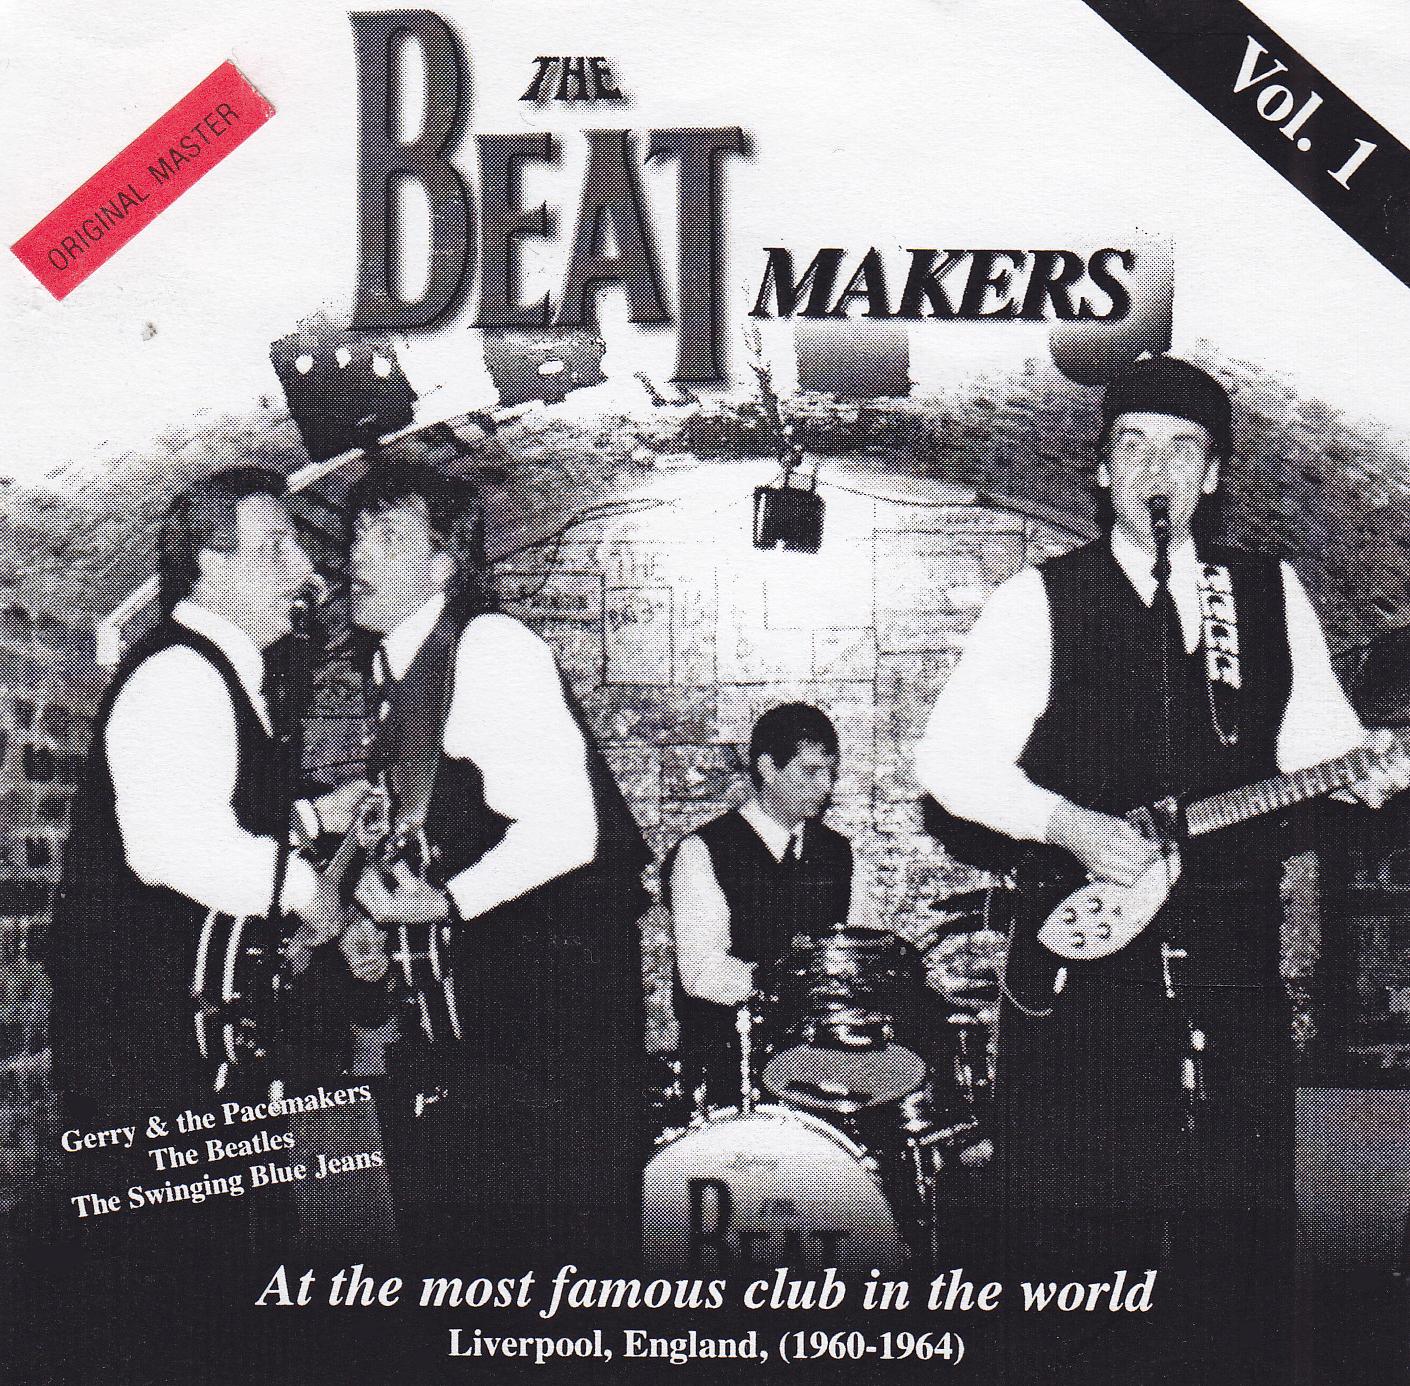 2001-beat-makers-vol1